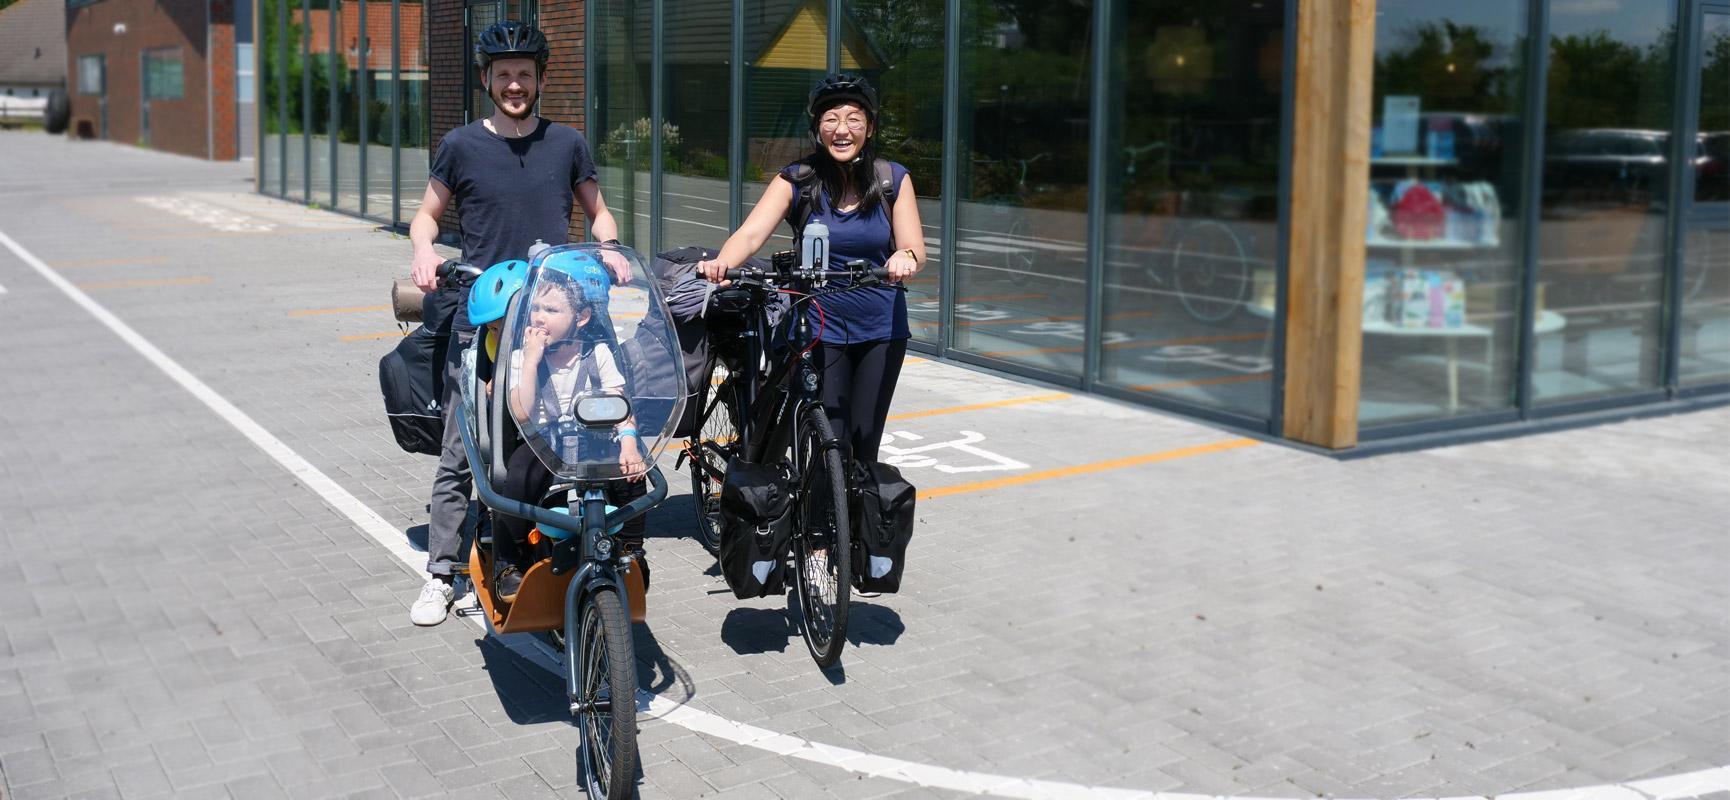 Besoin d'inspiration pour les vacances ? Partez en vacances à vélo !